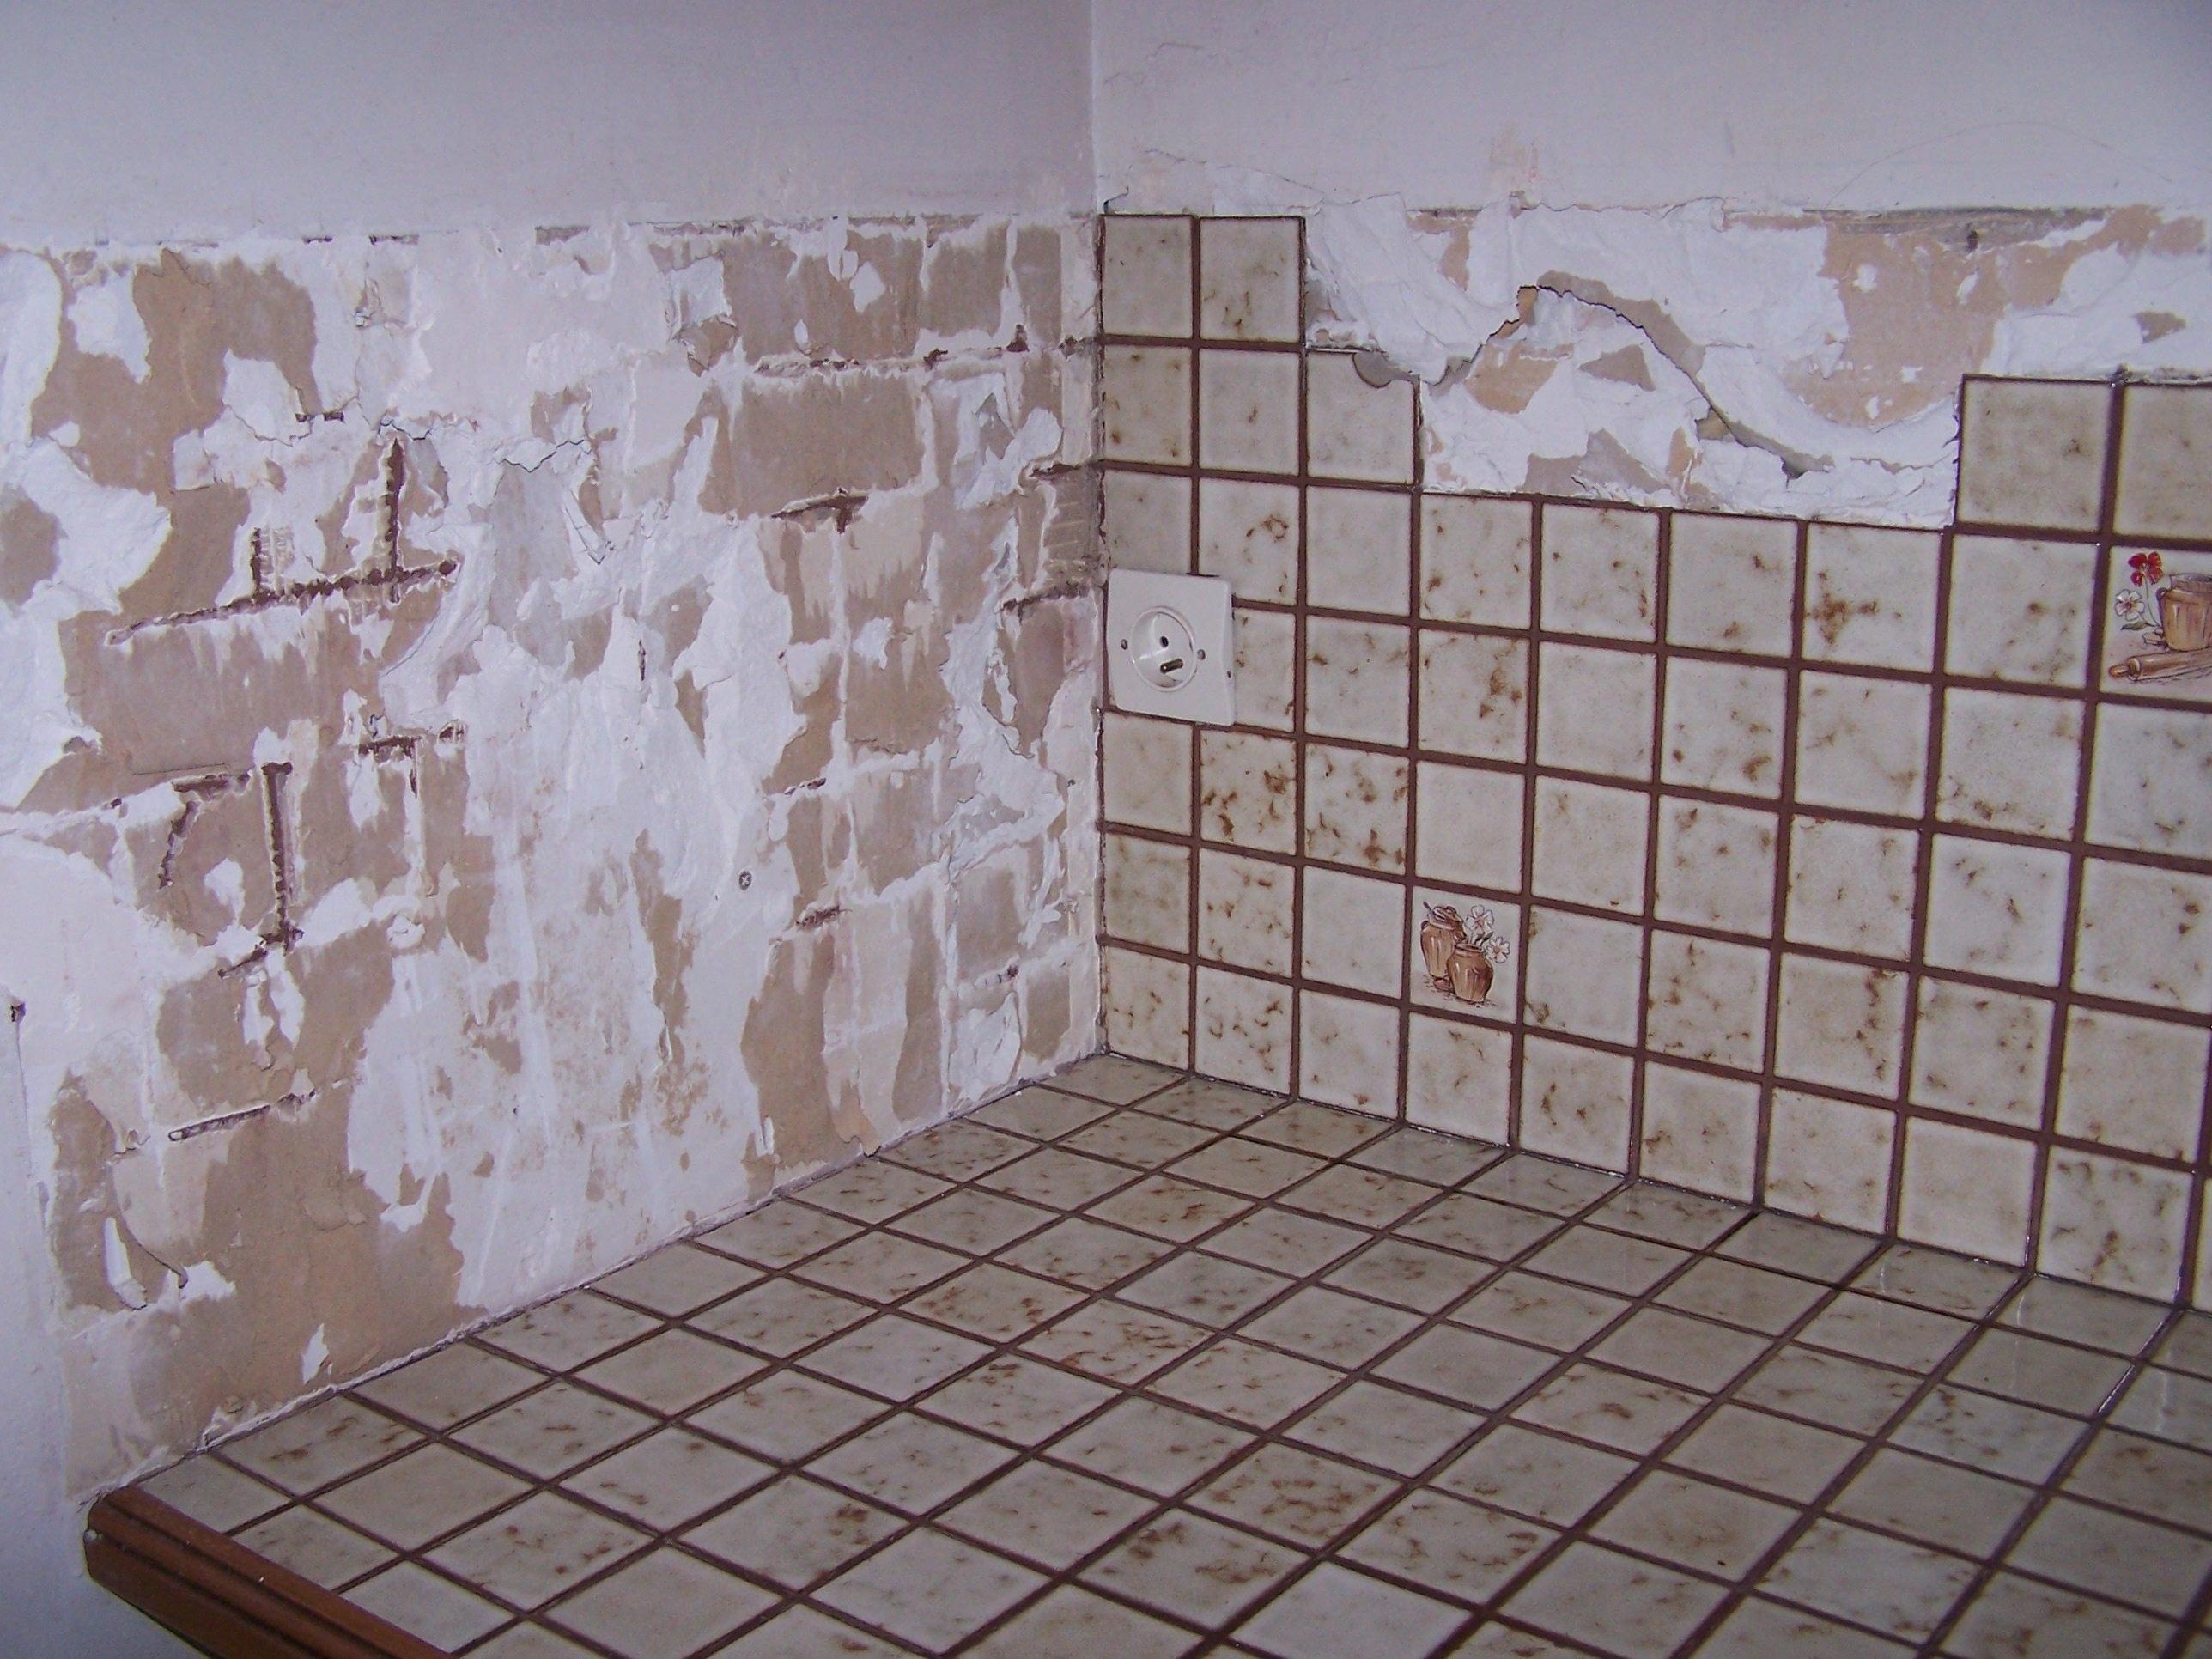 Carrelage Mural Salle De Bain Brico Depot Meilleur De Image Carrelage Salle De Bain Brico Depot Nouveau Mosaique Adhesive Brico